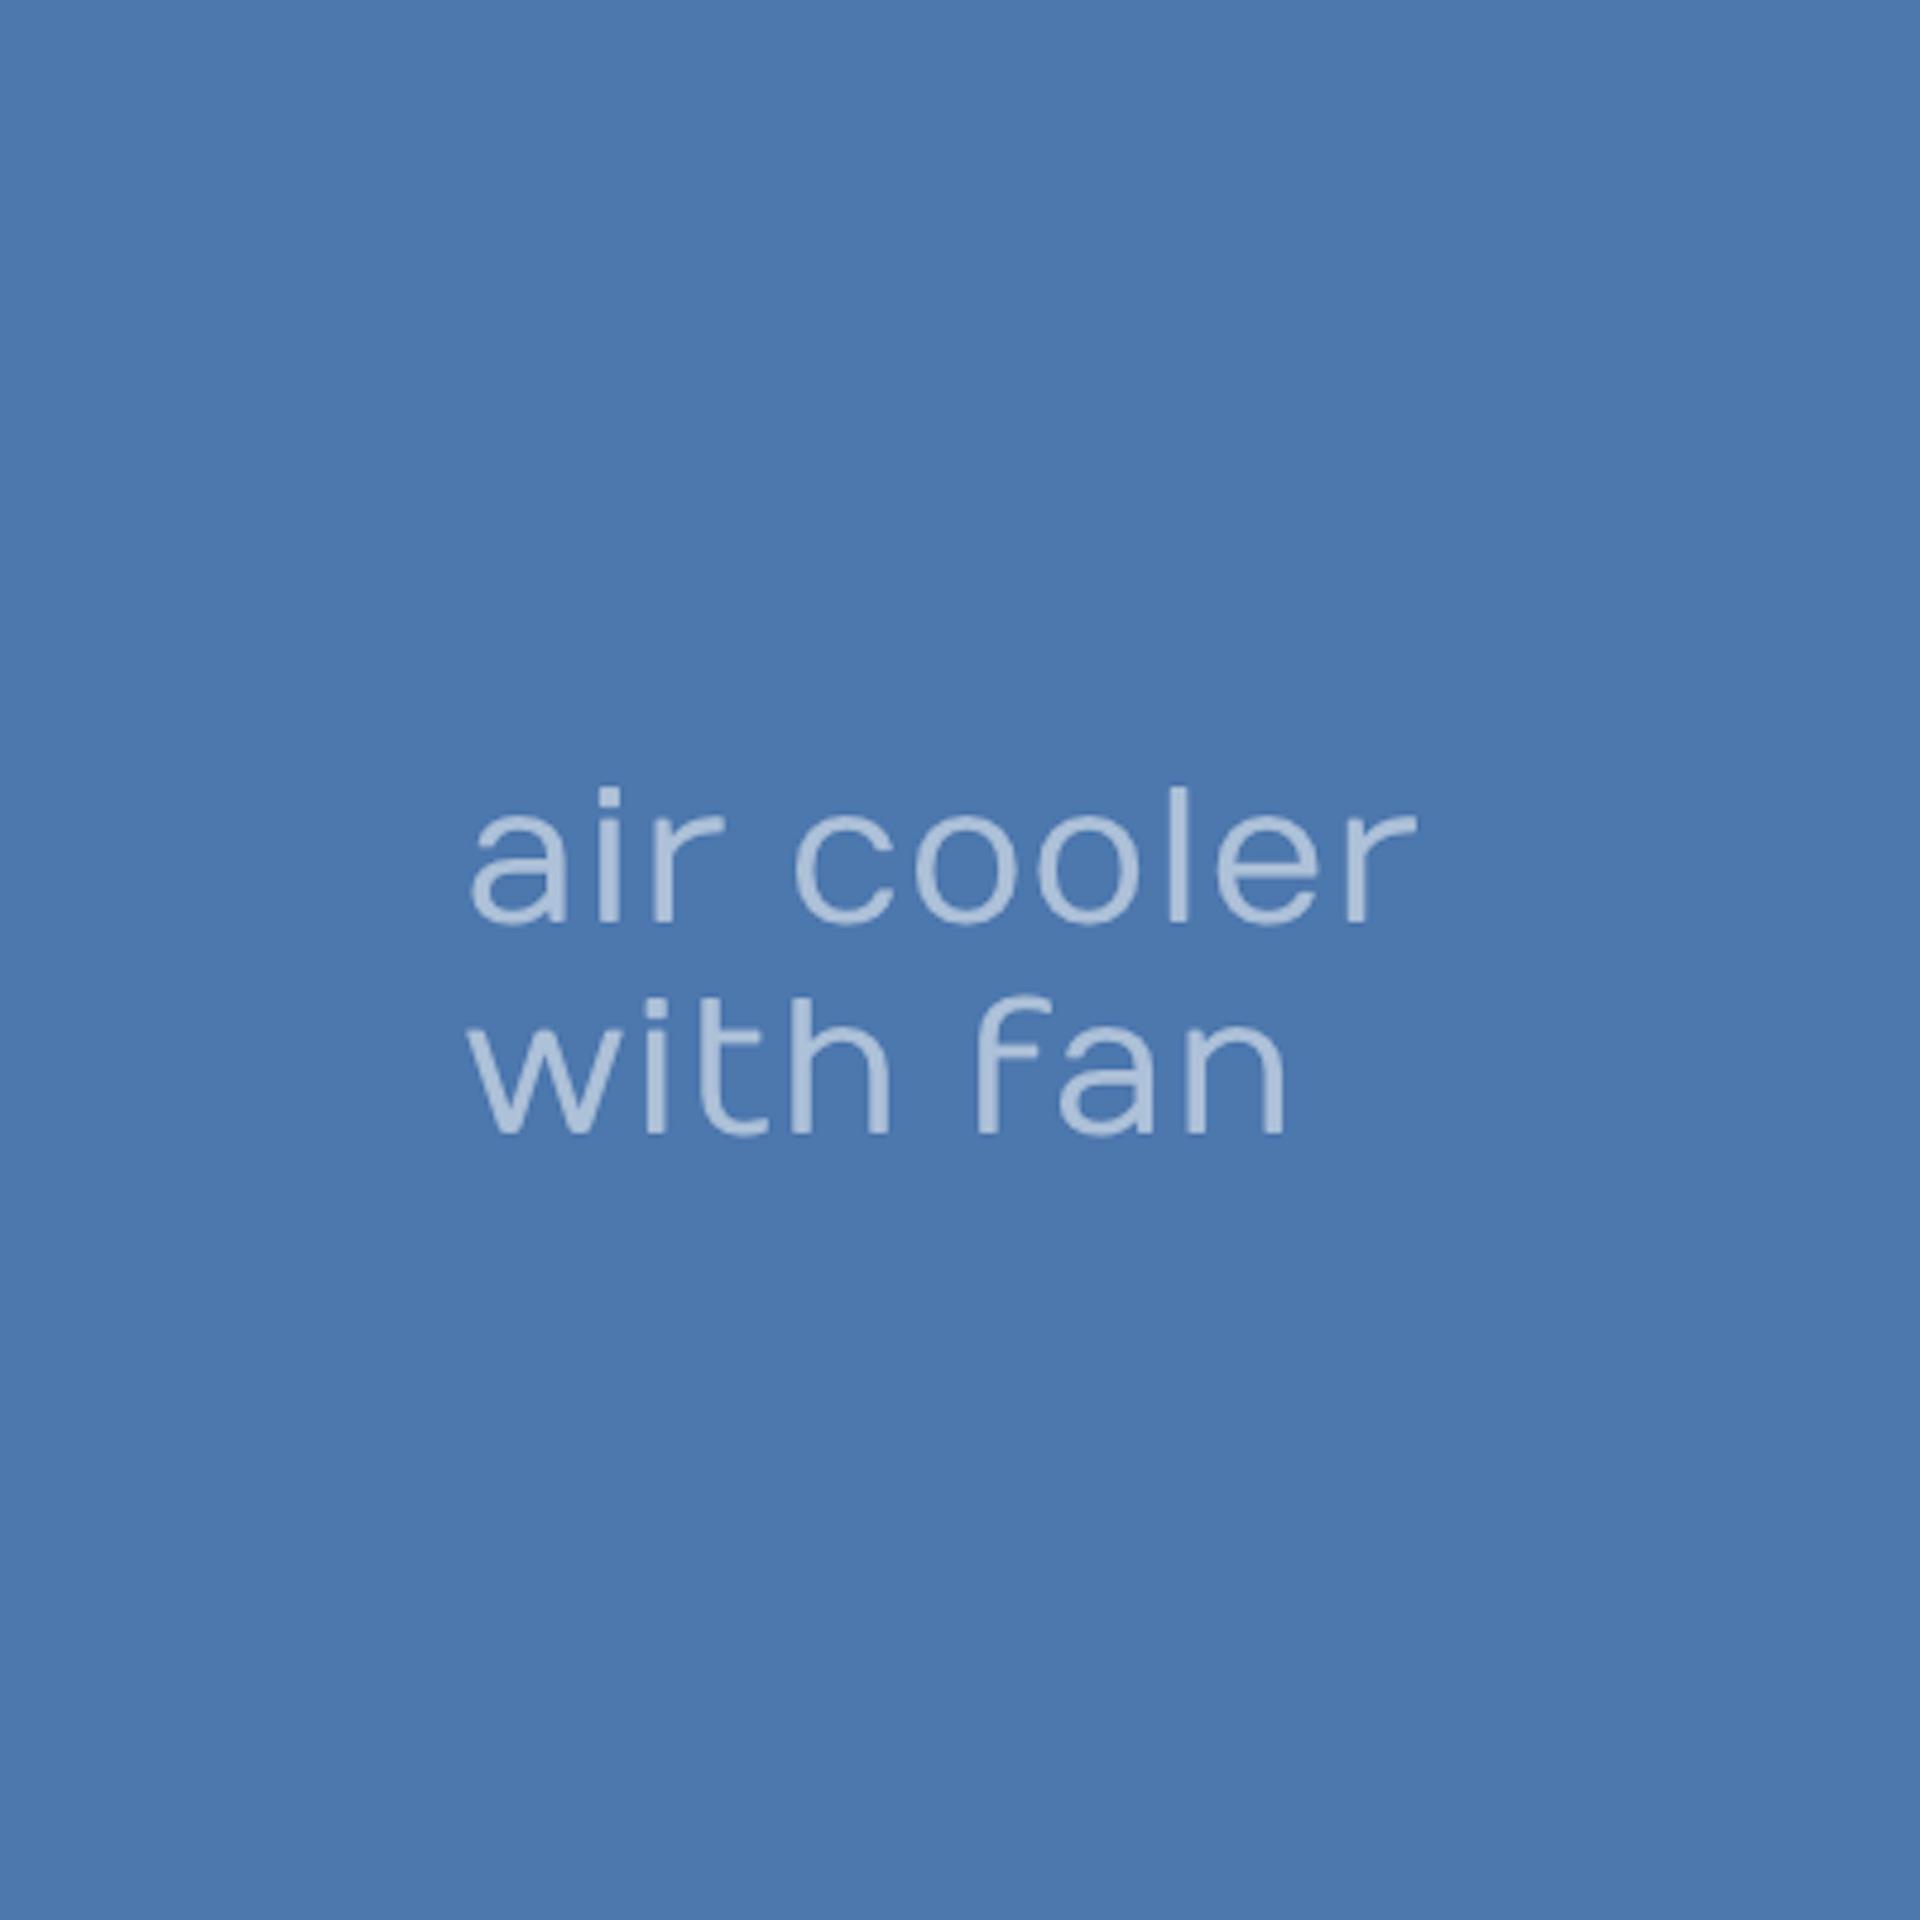 GWA_air_cooler_with_fan_Gesellschaft_fuer_Waerme_und_Anlagentechnik_mbH_monochrom